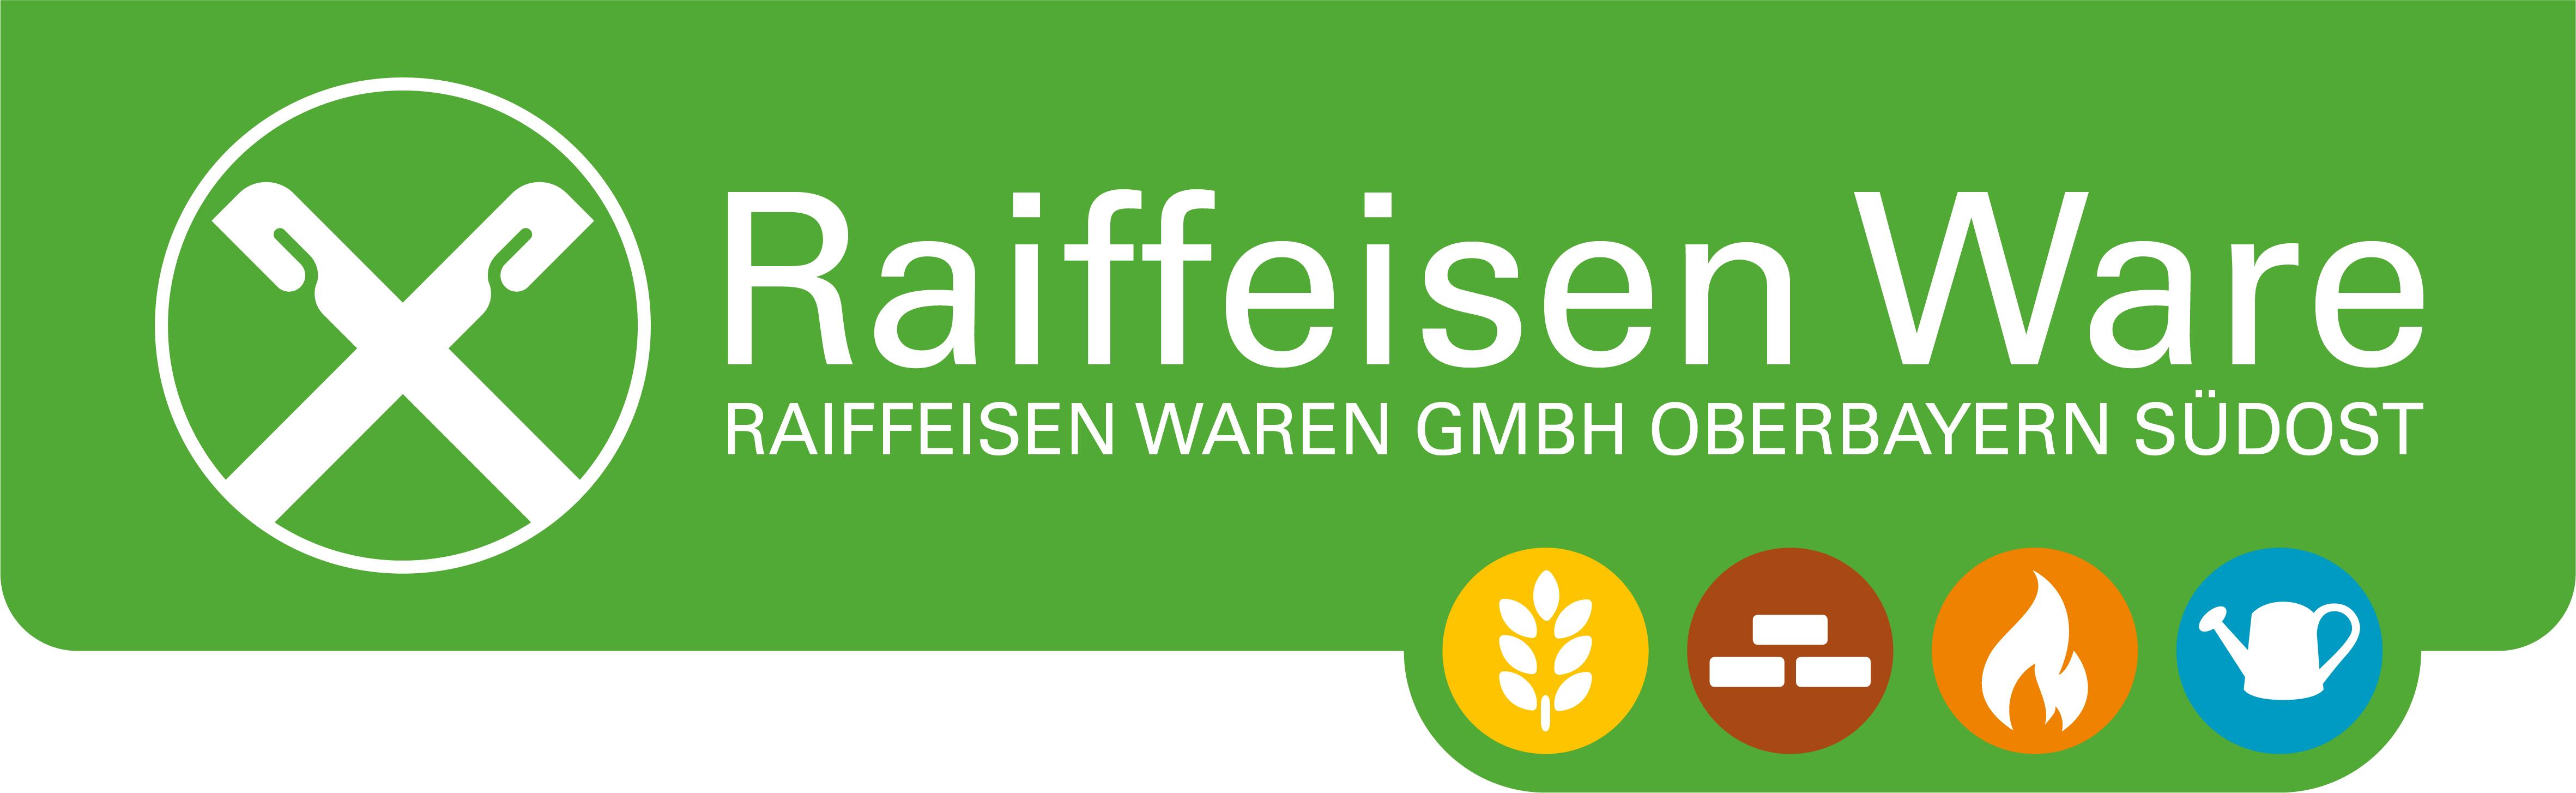 Raiffeisen Waren GmbH Oberbayern Südost - Lagerhaus Vachendorf Vachendorf